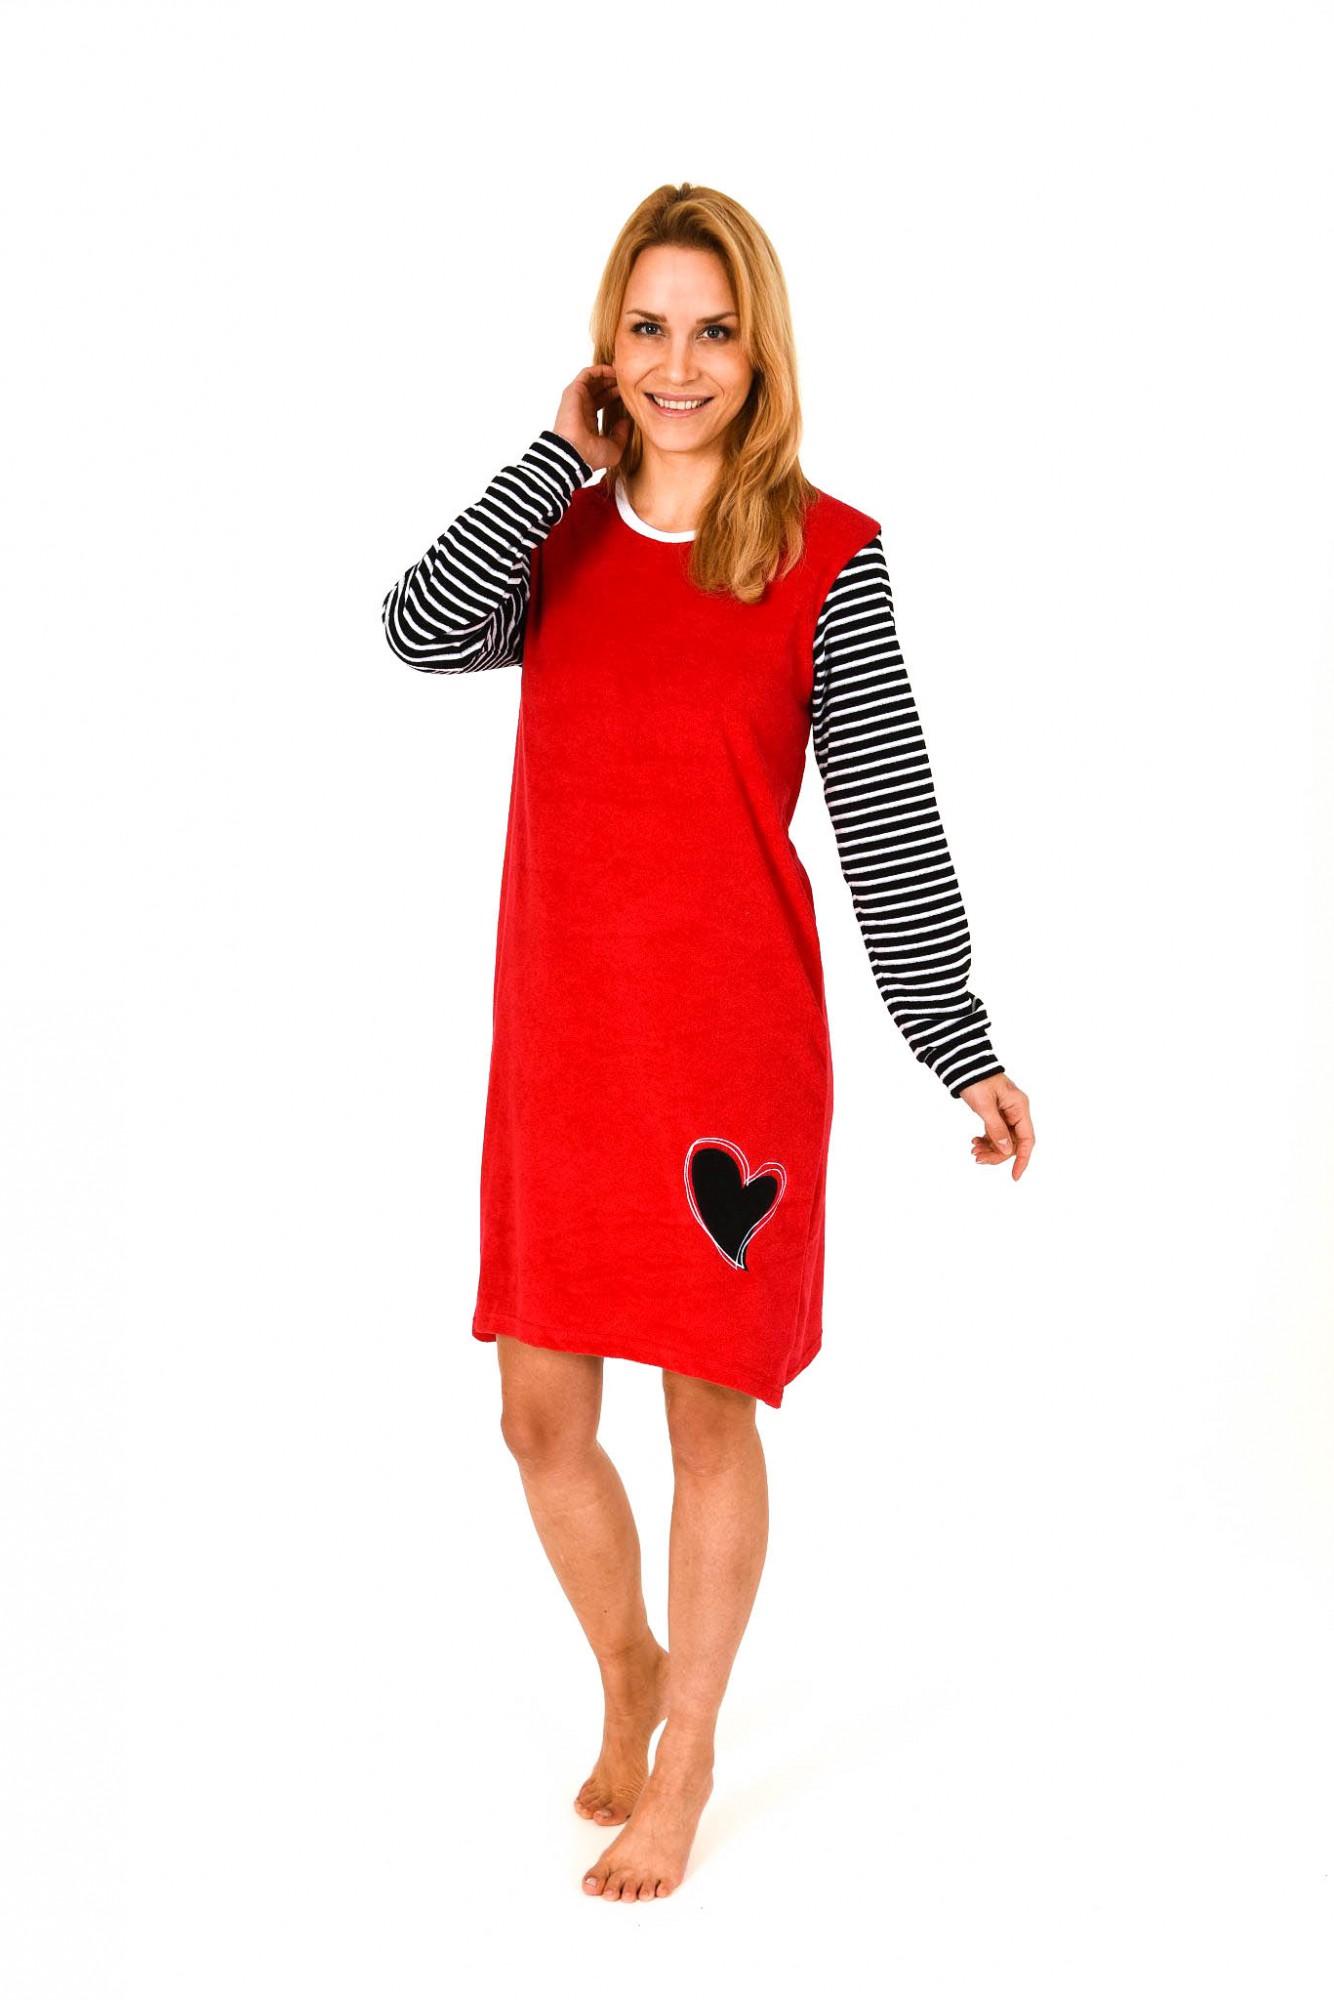 Damen Frottee Nachthemd langarm mit Herzmotiv – 261 213 93 242 – Bild 1